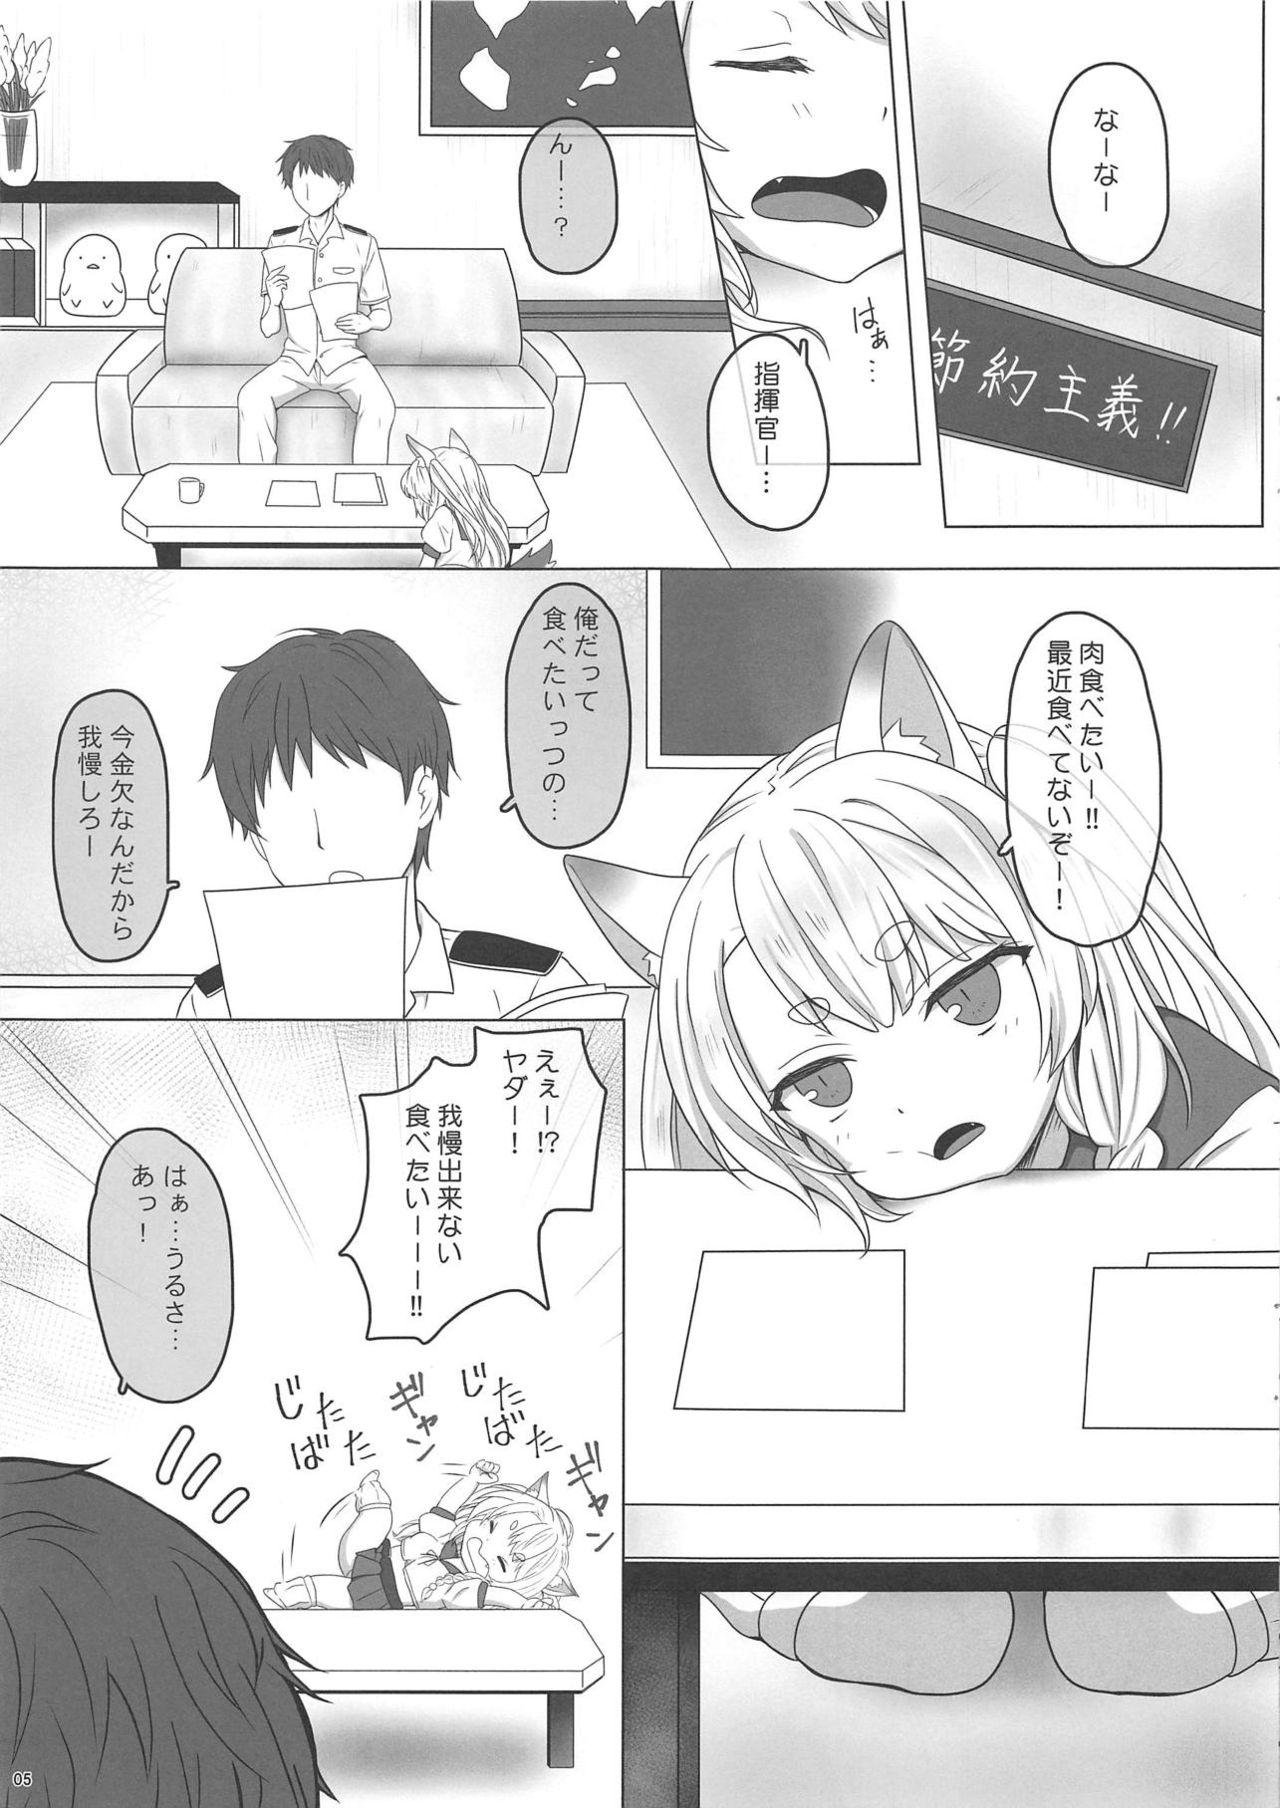 Uchi no Kawaii Yome 3